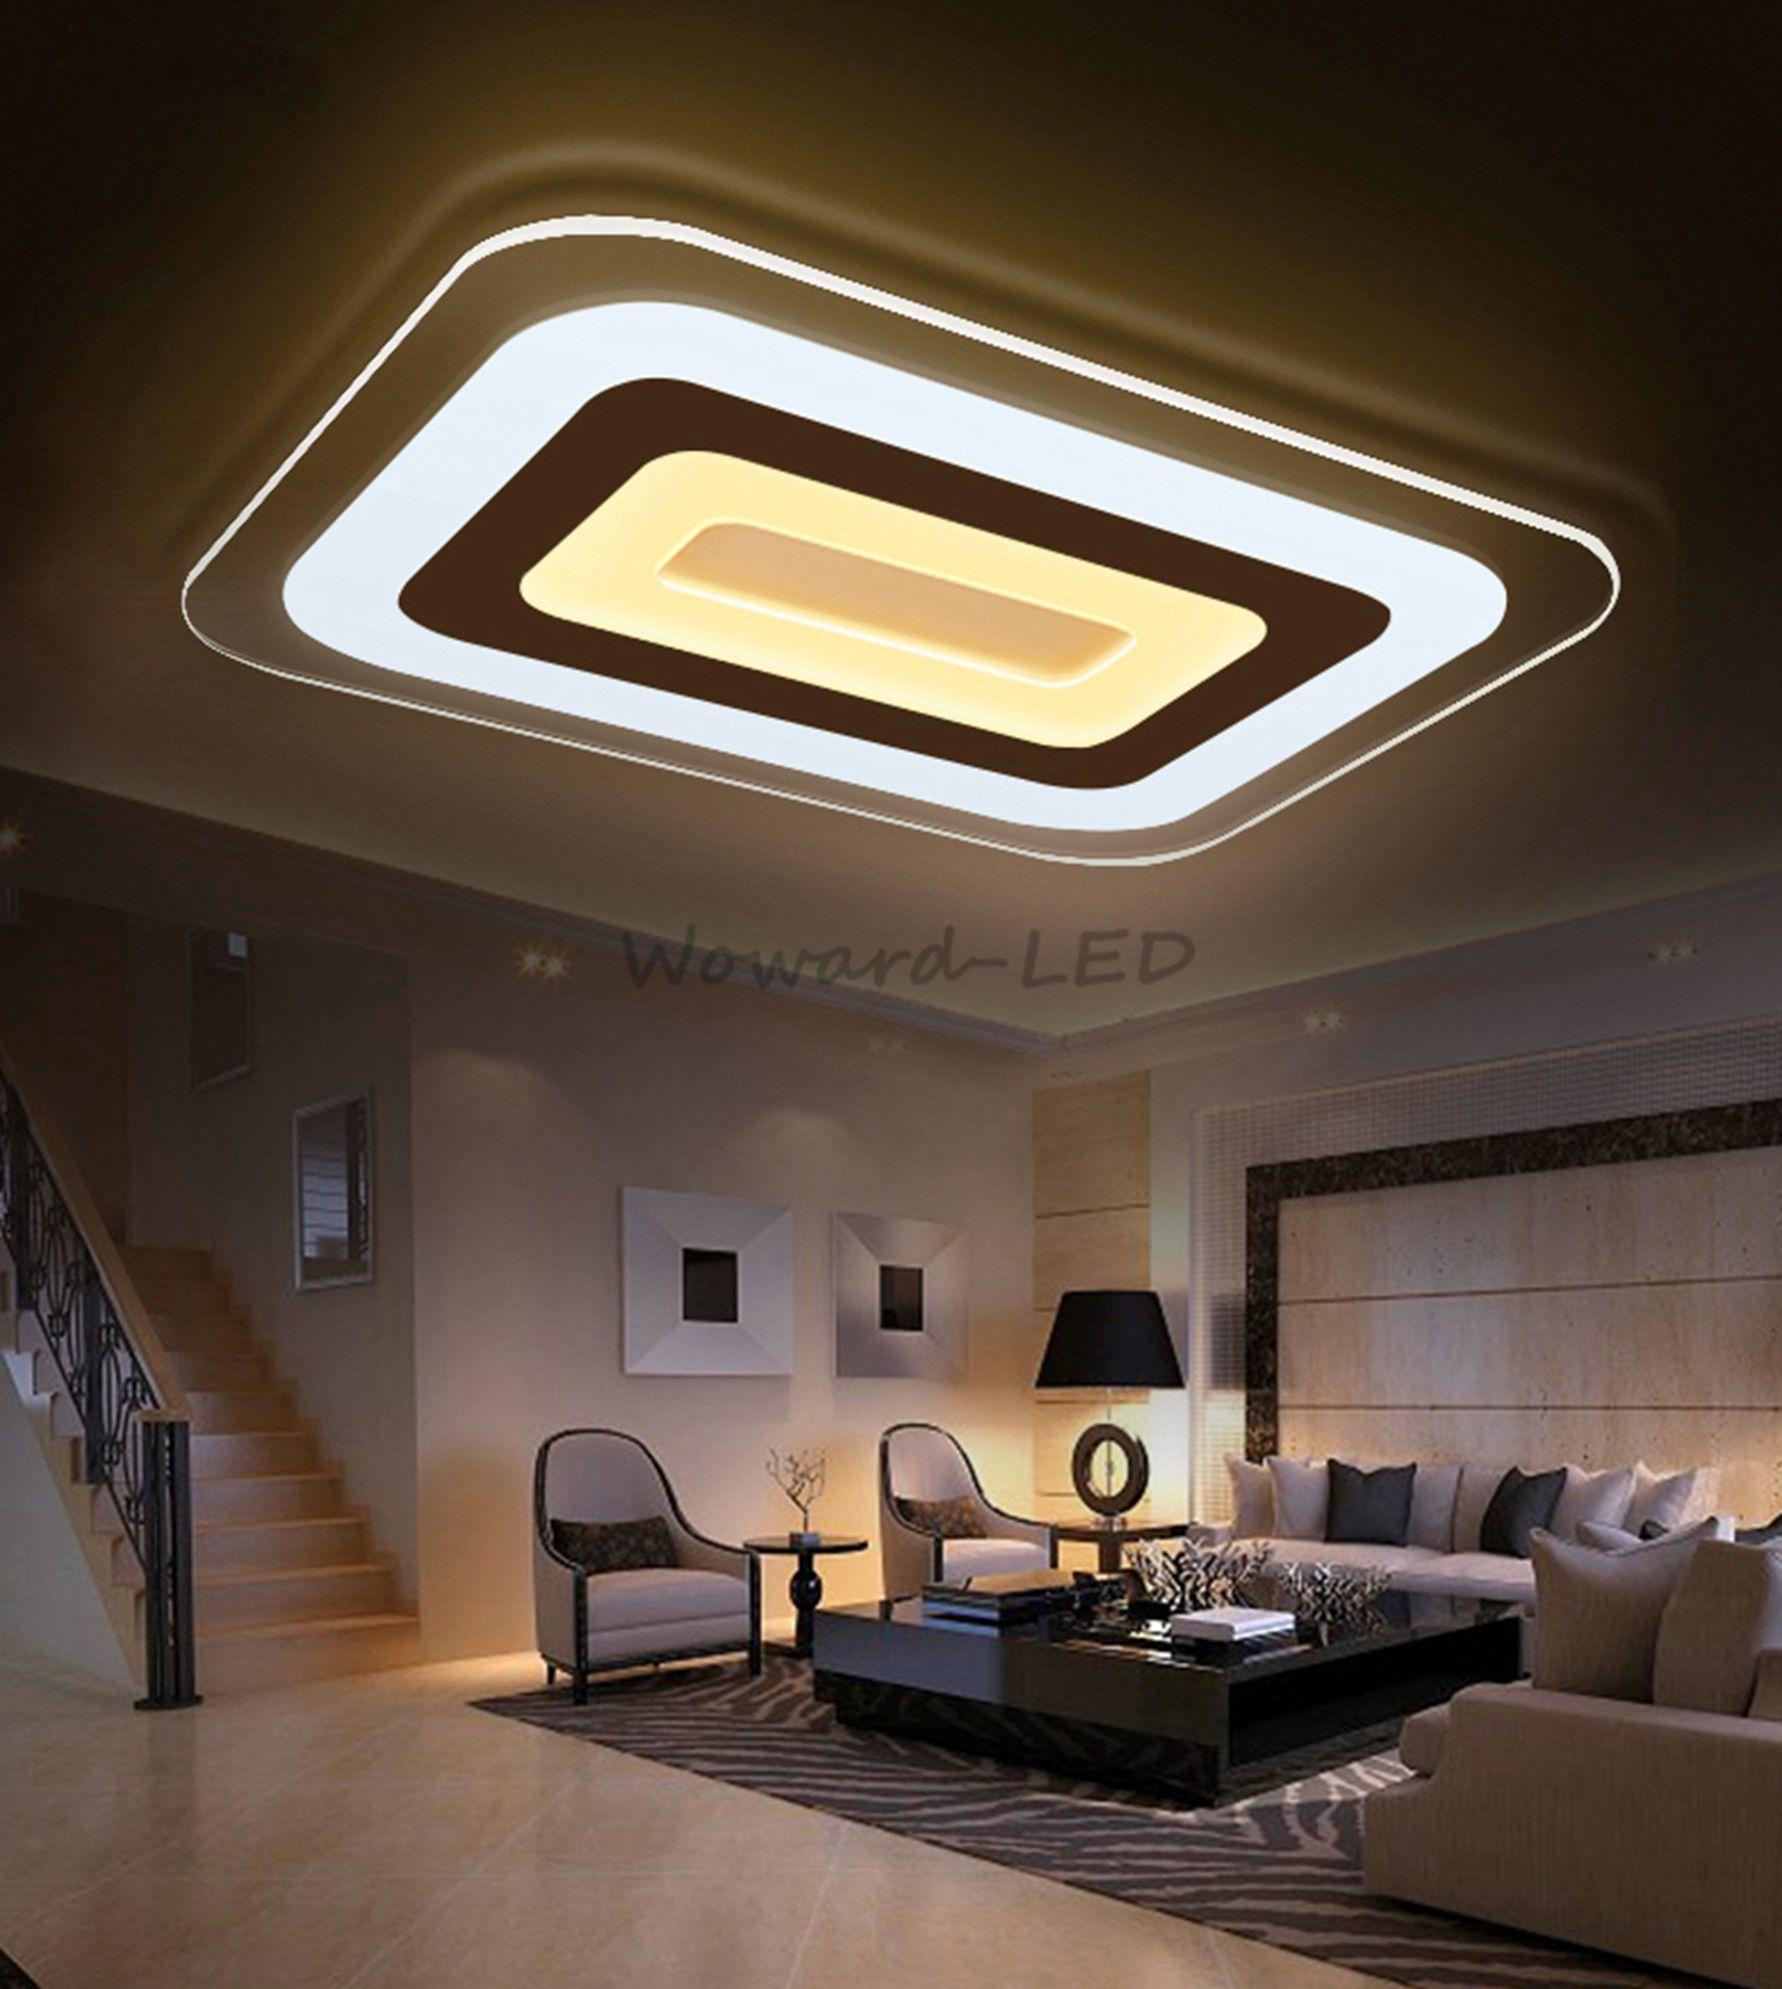 Led deckenlampen decken leuchte 16w bis 114w dimmbar lampe - Deckenlampe wohnzimmer ...